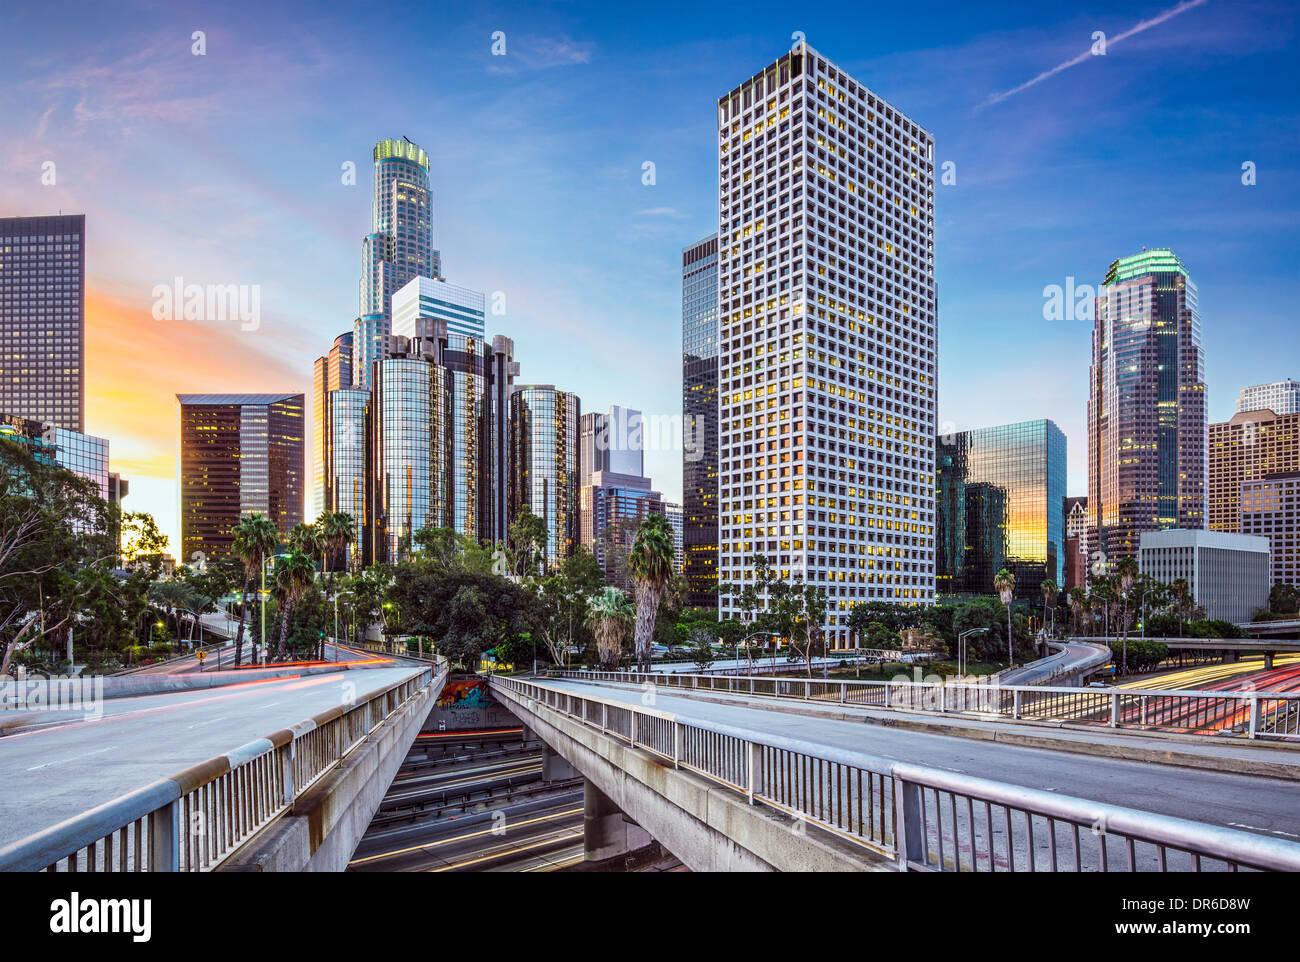 Los Angeles, California, EE.UU. mañana temprano en el centro ciudad. Imagen De Stock